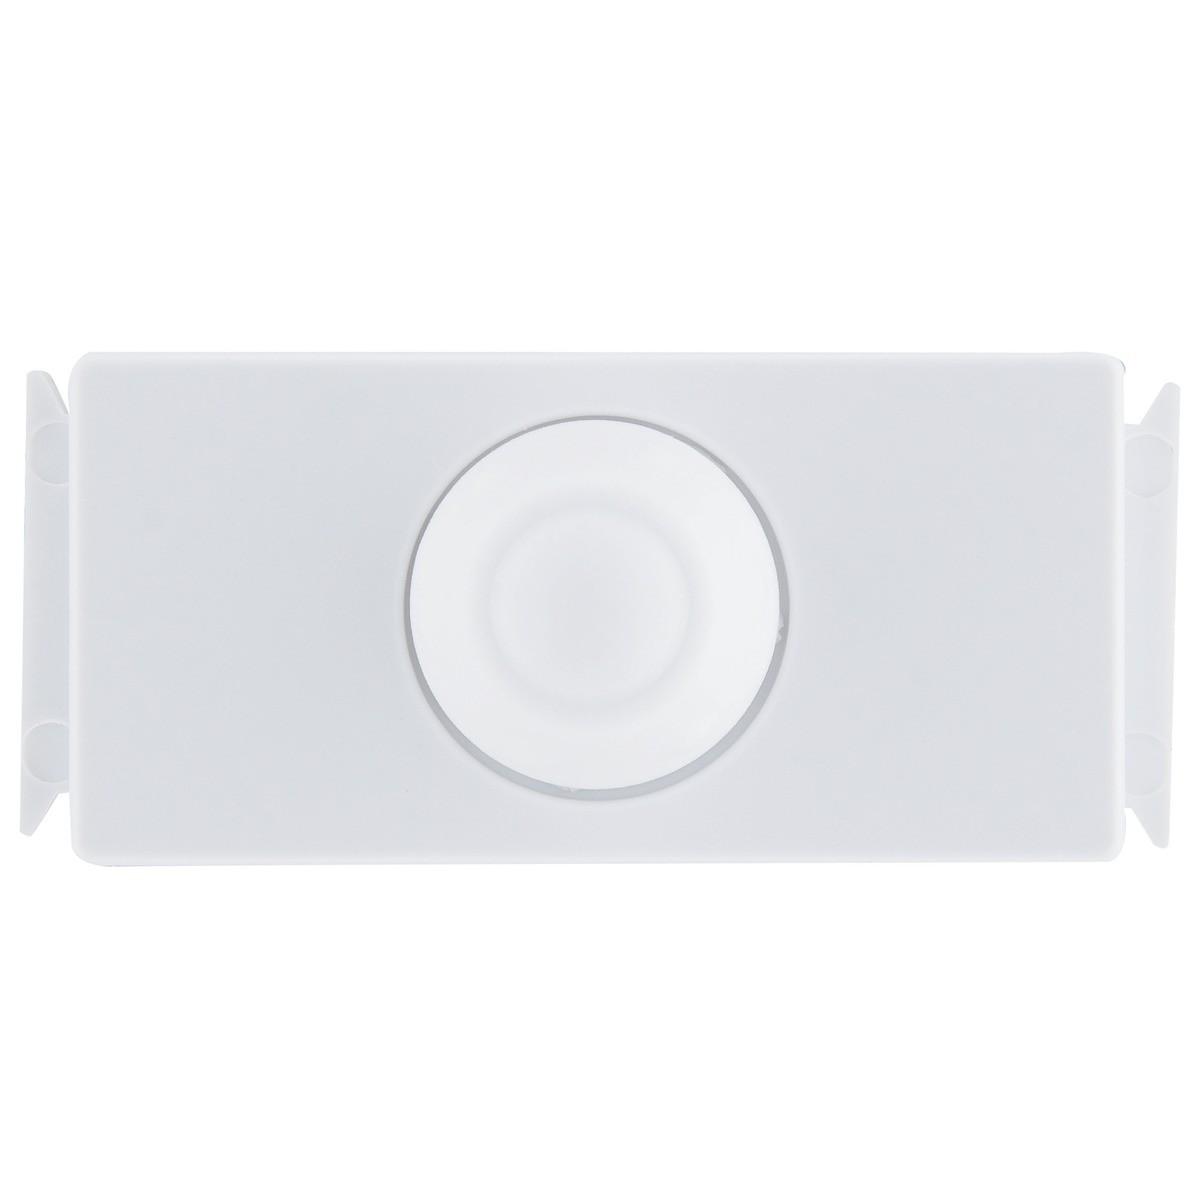 Variador de Luminosidade Rotativo Modular de Embutir Bivolt - Aria - Tramontina